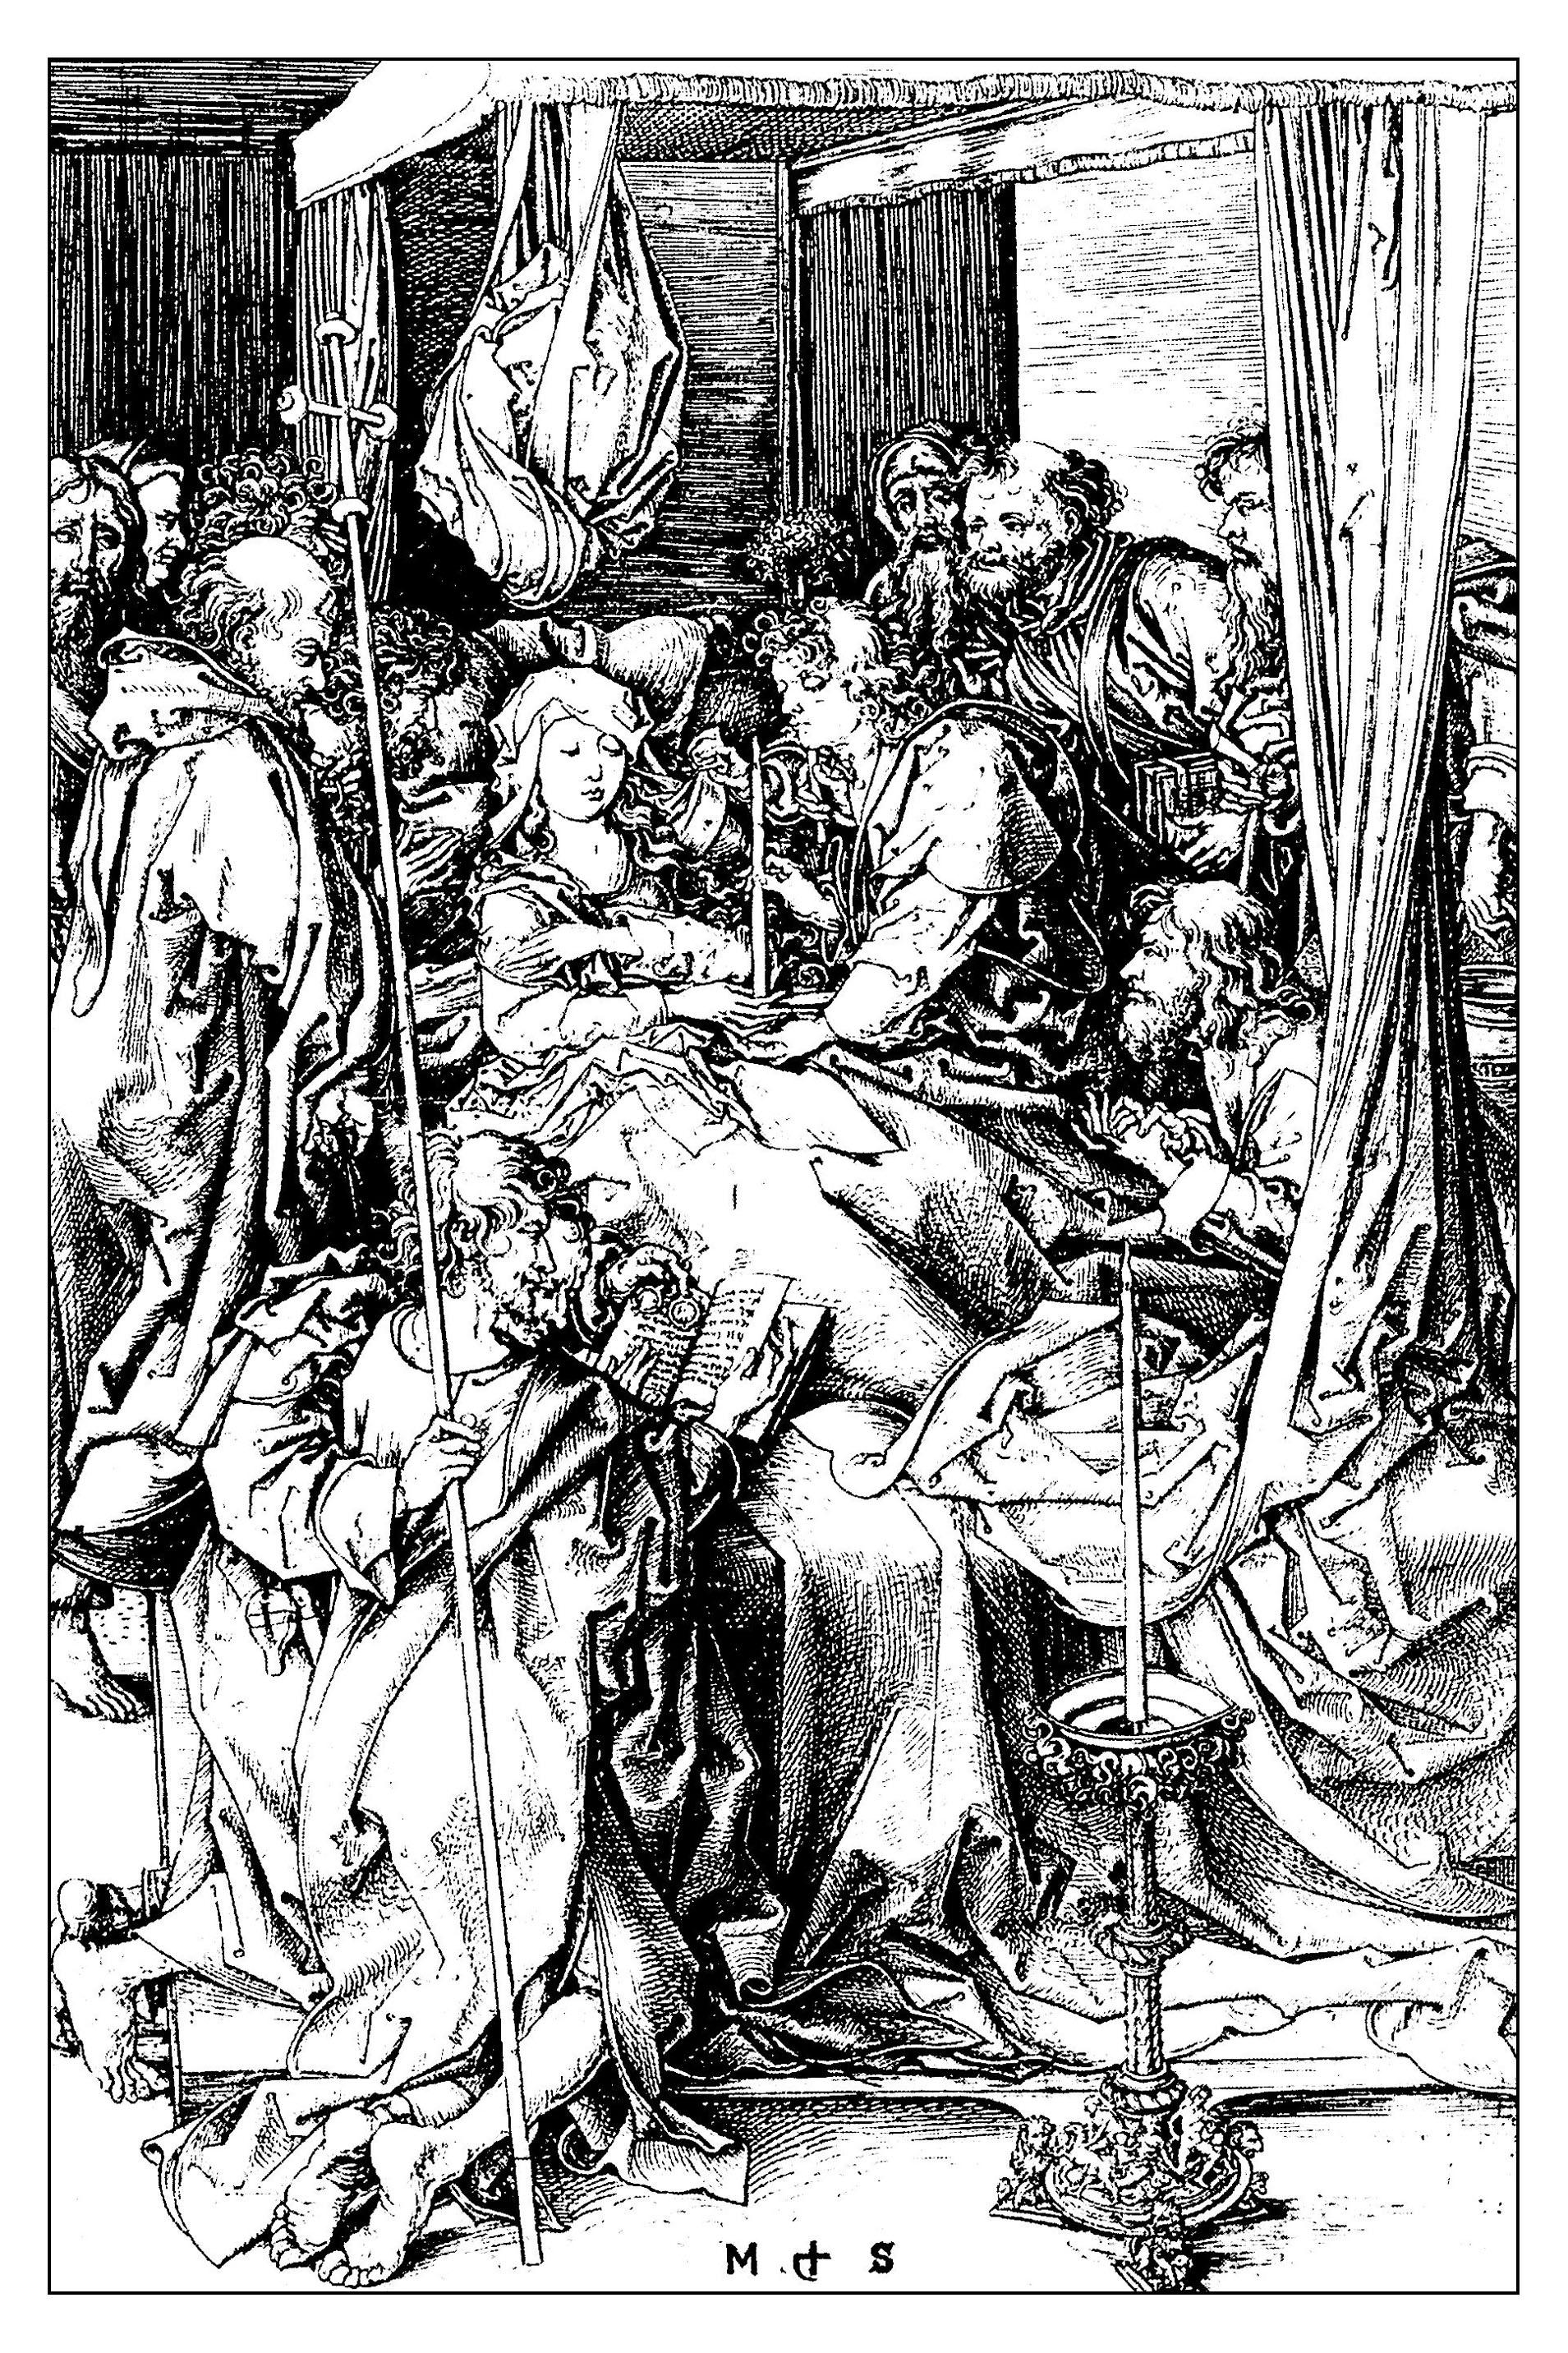 Pour gravure martin schongauer la mort de la vierge vers 1470 gratuit a imprimer